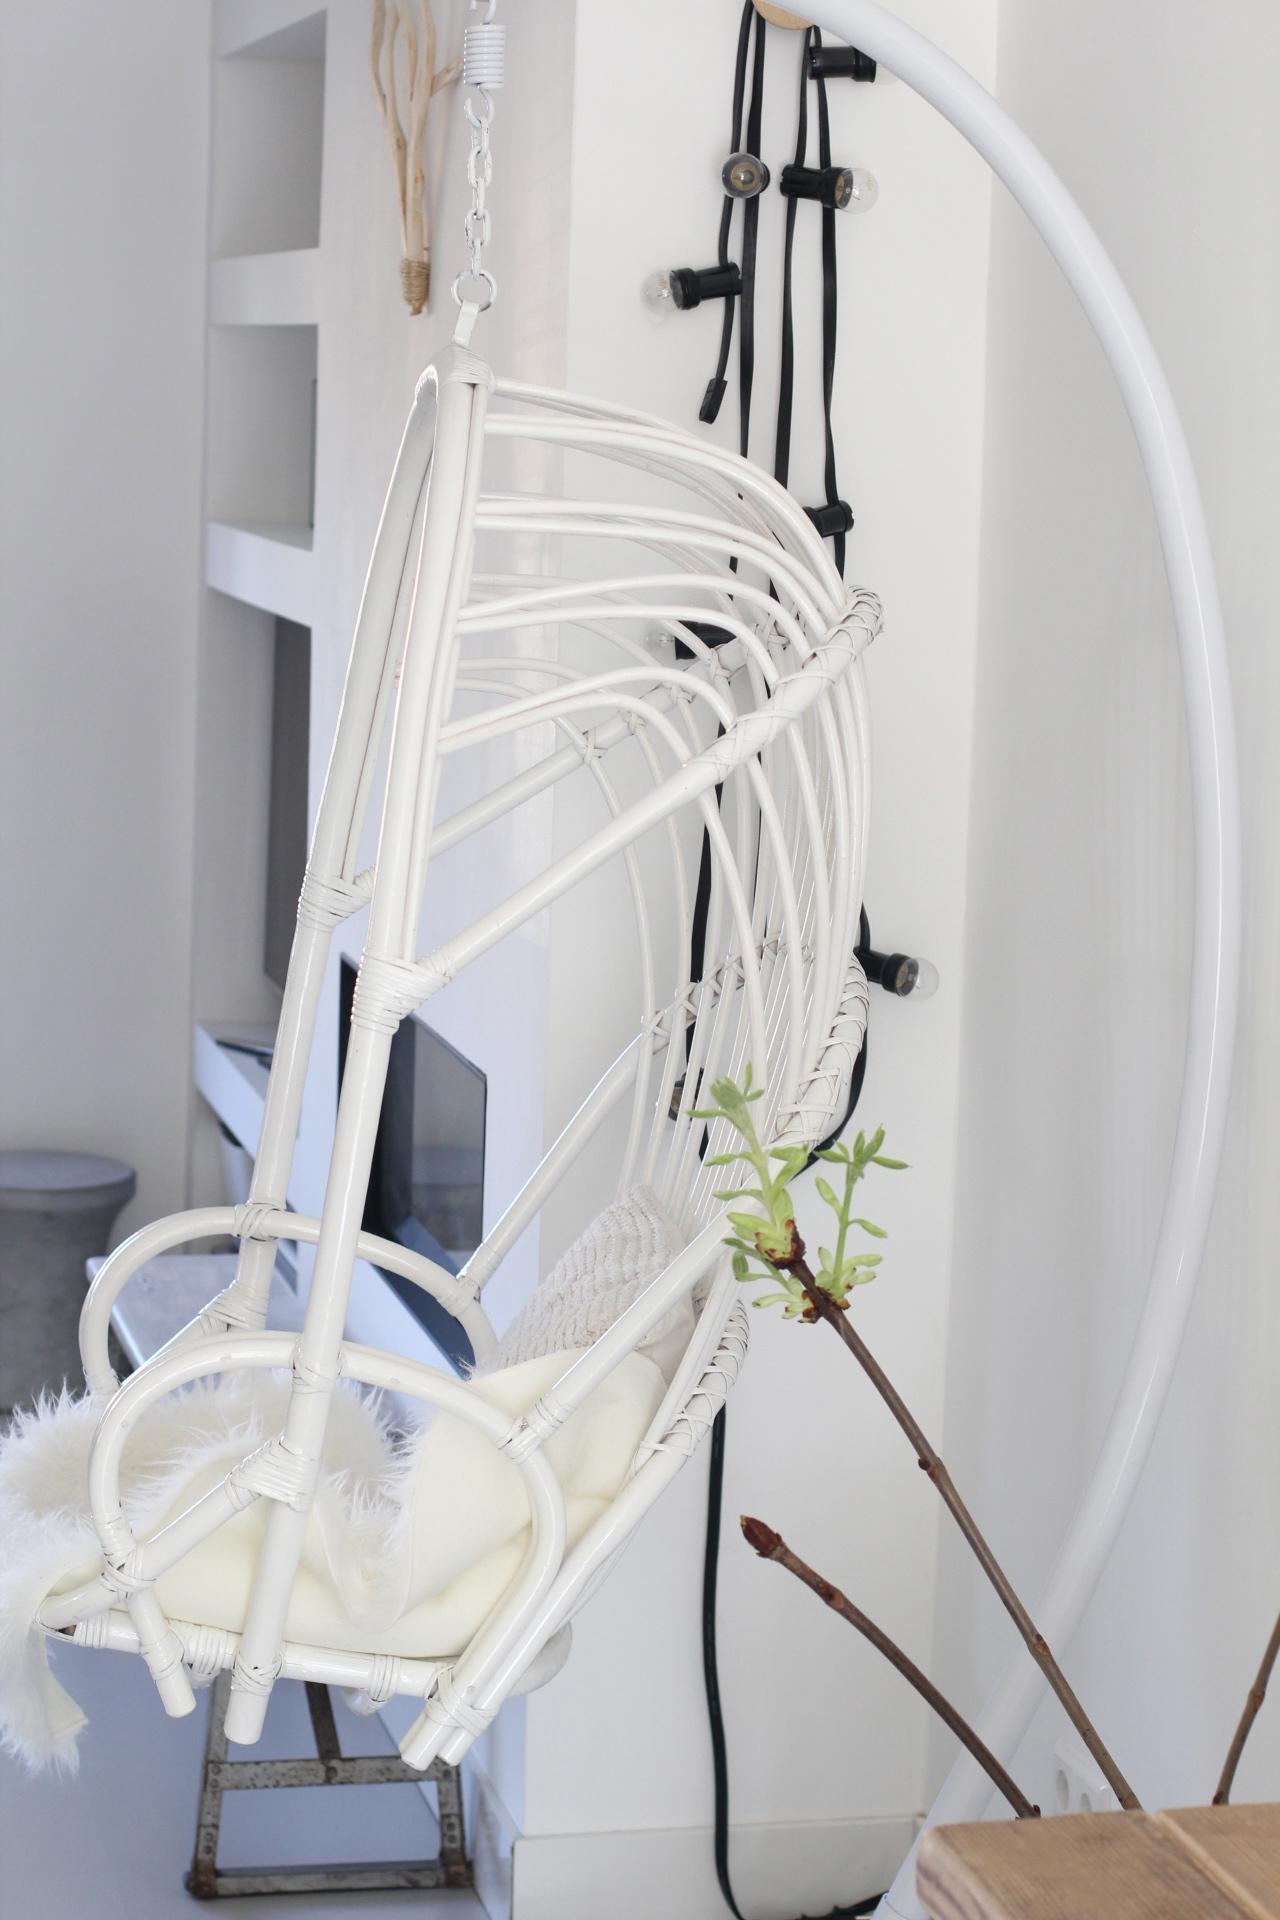 Hangstoel Vintage Wit.Binnenkijken Bij Laura Verschuur En Maak Kans Op Een Hangstoel Set